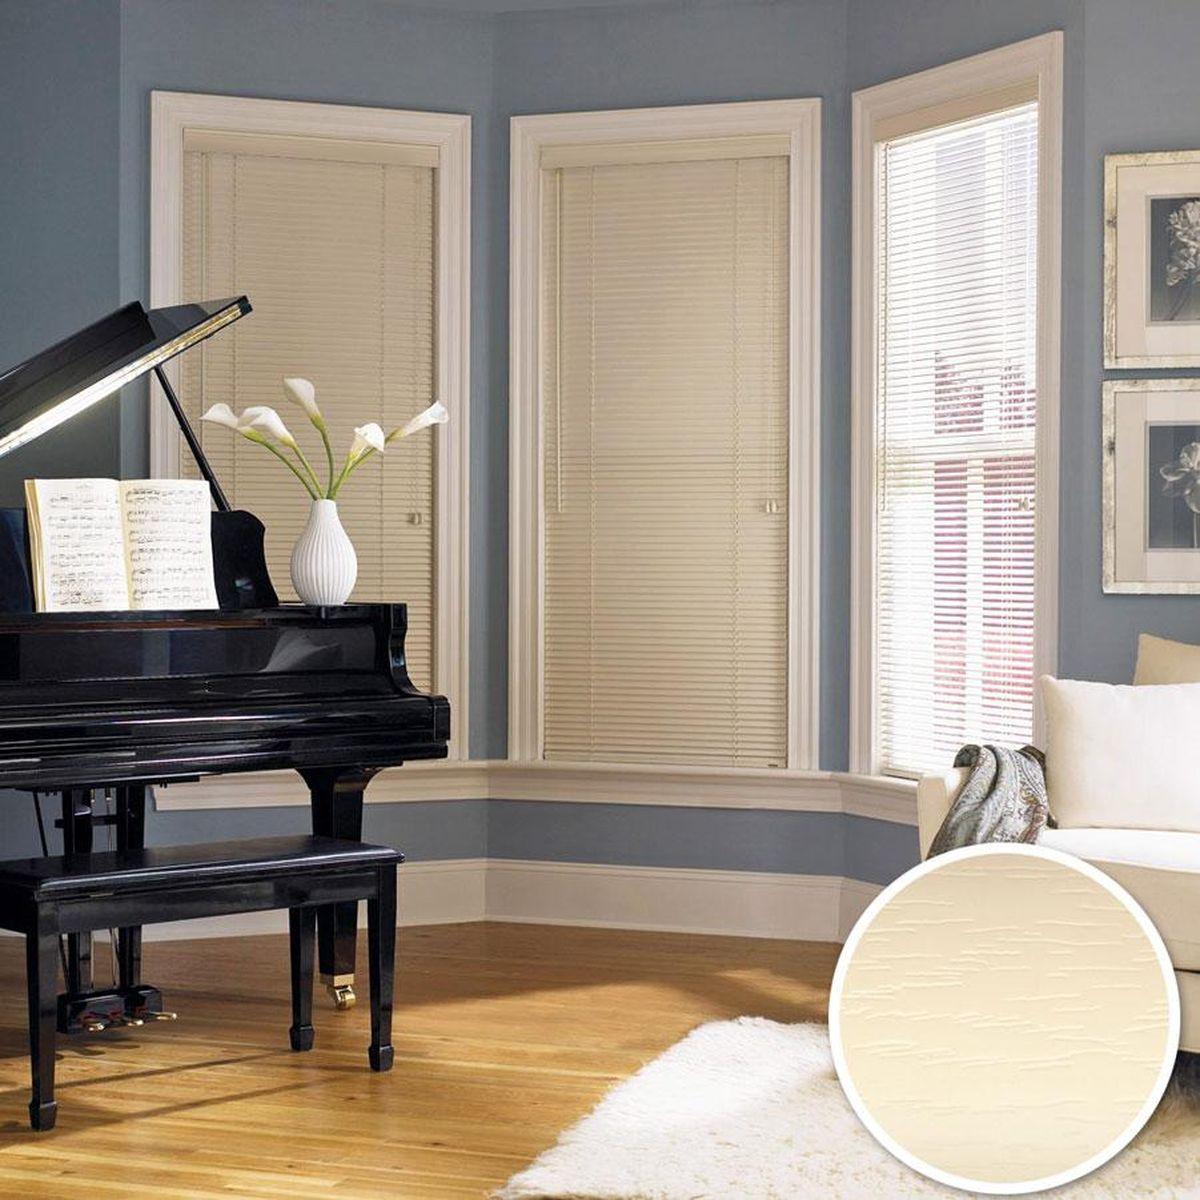 Жалюзи Эскар, цвет: бежевый, ширина 160 см, высота 160 см61009160160Для того чтобы придать интерьеру изюминку и завершенность, нет ничего лучше, чем использовать жалюзи на окнах квартиры, дома или офиса. С их помощью можно подчеркнуть индивидуальный вкус, а также стилевое оформление помещения. Помимо декоративных функций, жалюзи выполняют и практические задачи: они защищают от излишнего солнечного света, не дают помещению нагреваться, а также создают уют в темное время суток.Пластиковые жалюзи - самое универсальное и недорогое решение для любого помещения. Купить их может каждый, а широкий выбор размеров под самые популярные габариты сделает покупку простой и удобной. Пластиковые жалюзи имеют высокие эксплуатационные характеристики - они гигиеничны, что делает их незаменимыми при монтаже в детских и медицинских учреждениях.